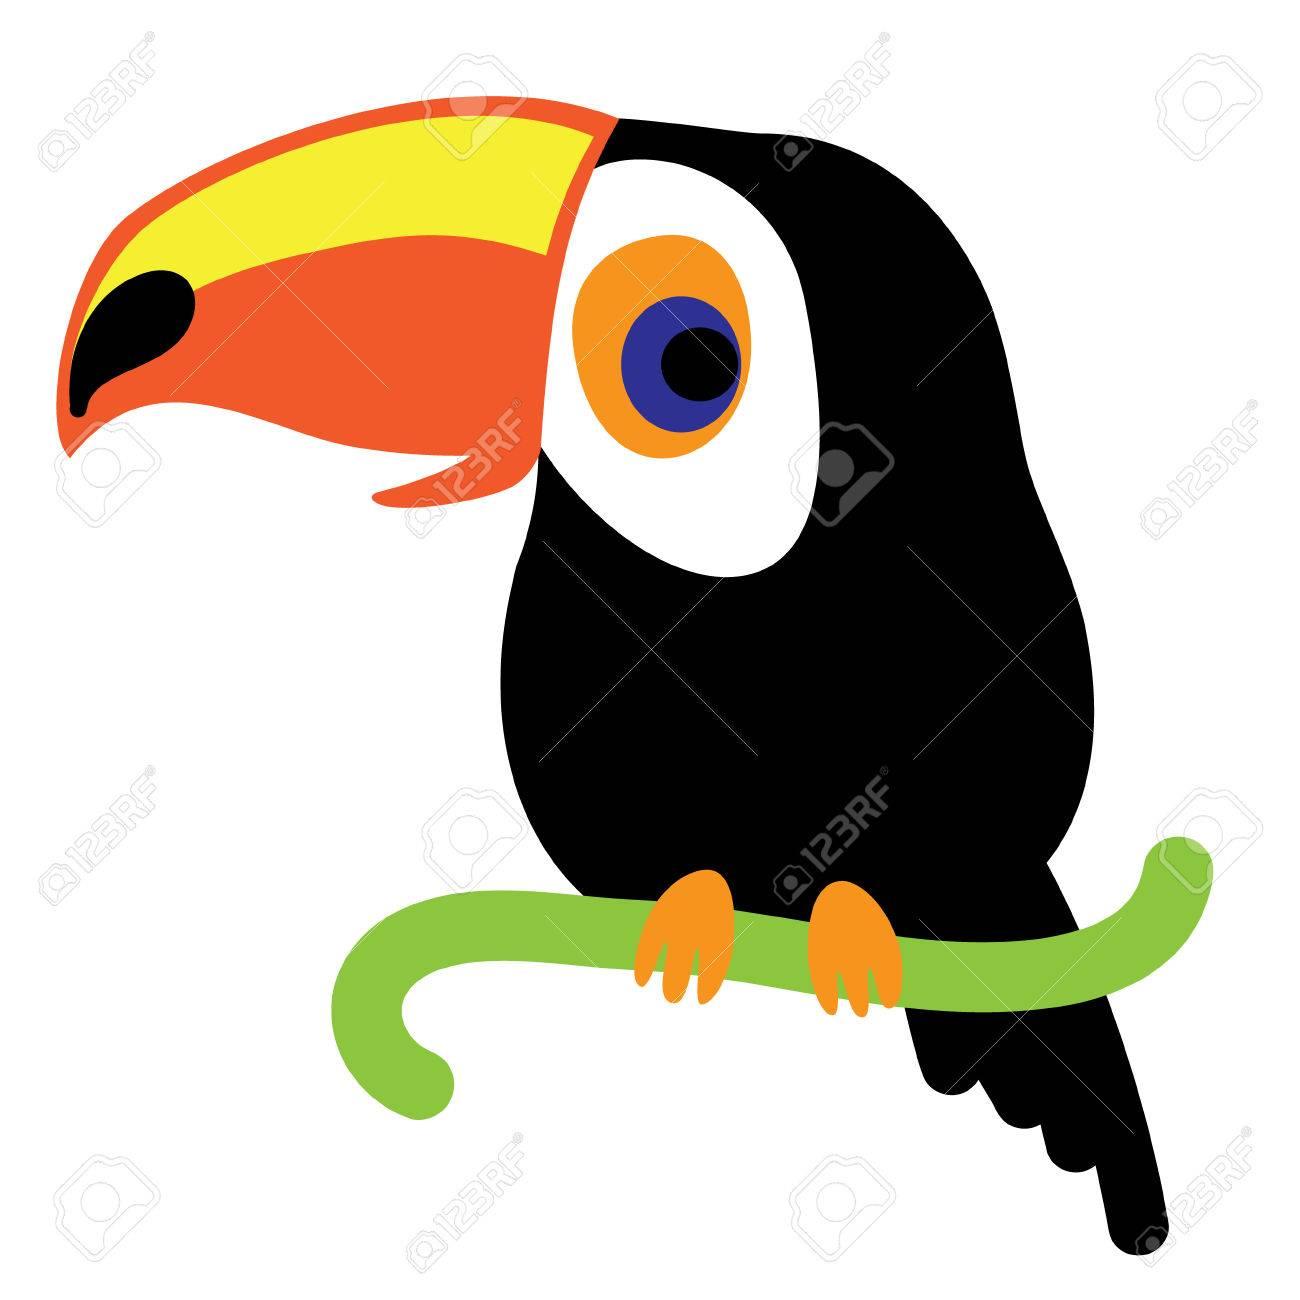 Ein Beispiel Für Eine Schöne Tukan, Im Format. Ein Netter Tukan Vogel Bild  Für